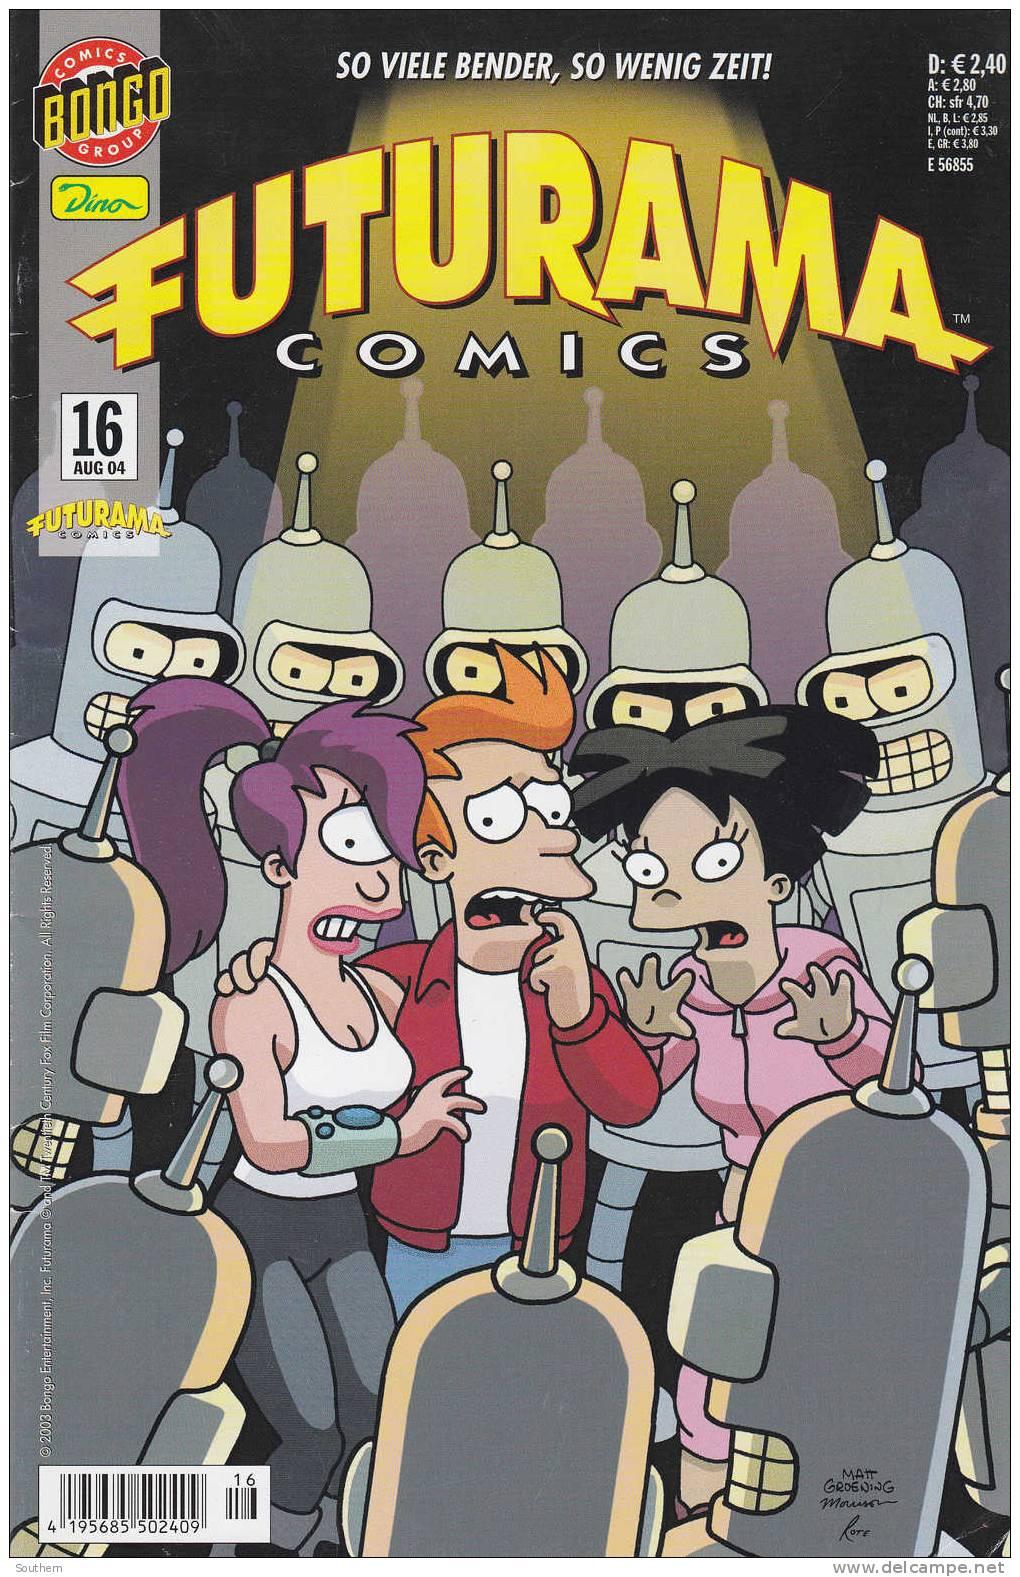 Bart Simpsons N° 16 - 08/2004 - Futuram Comics - So Viele Bender, So Wenig Zeit ! - - Simpsons, Die